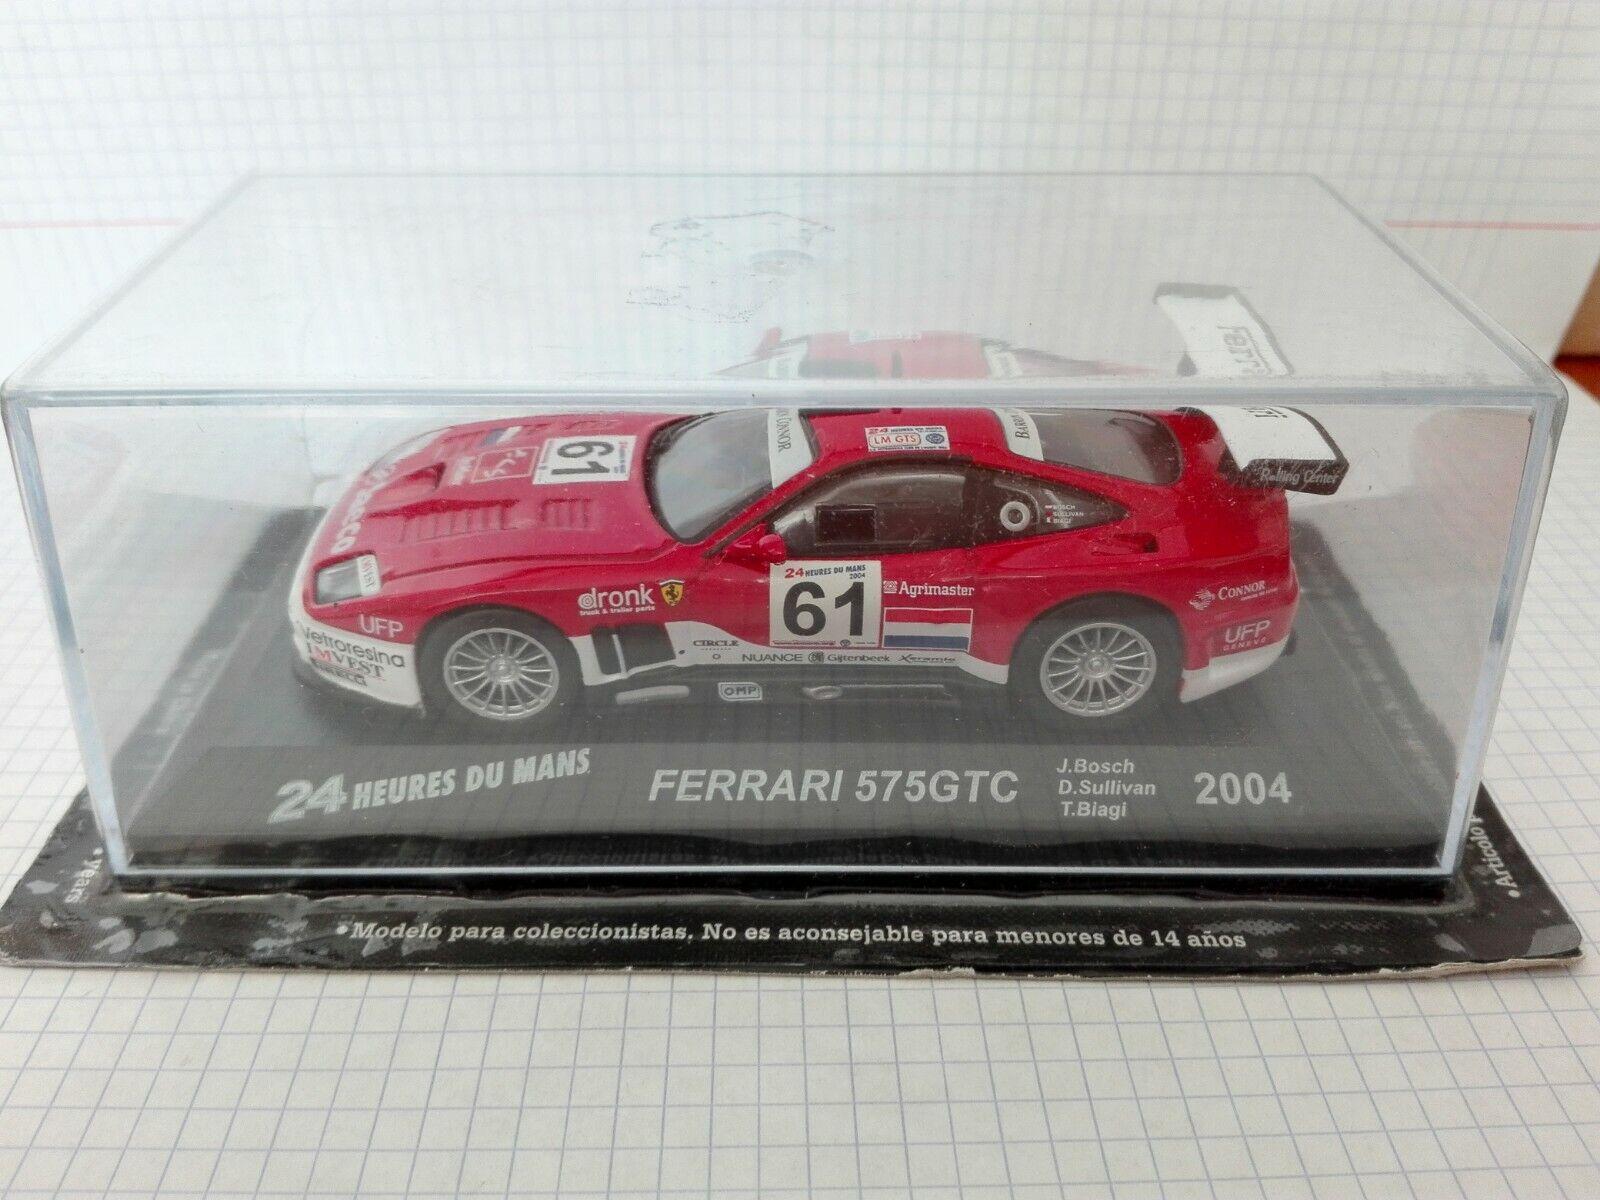 moda clasica FERRARI 575 GTC GTC GTC 2004    24 HORAS DE LE MANS  ESCALA 1 43  envío gratis